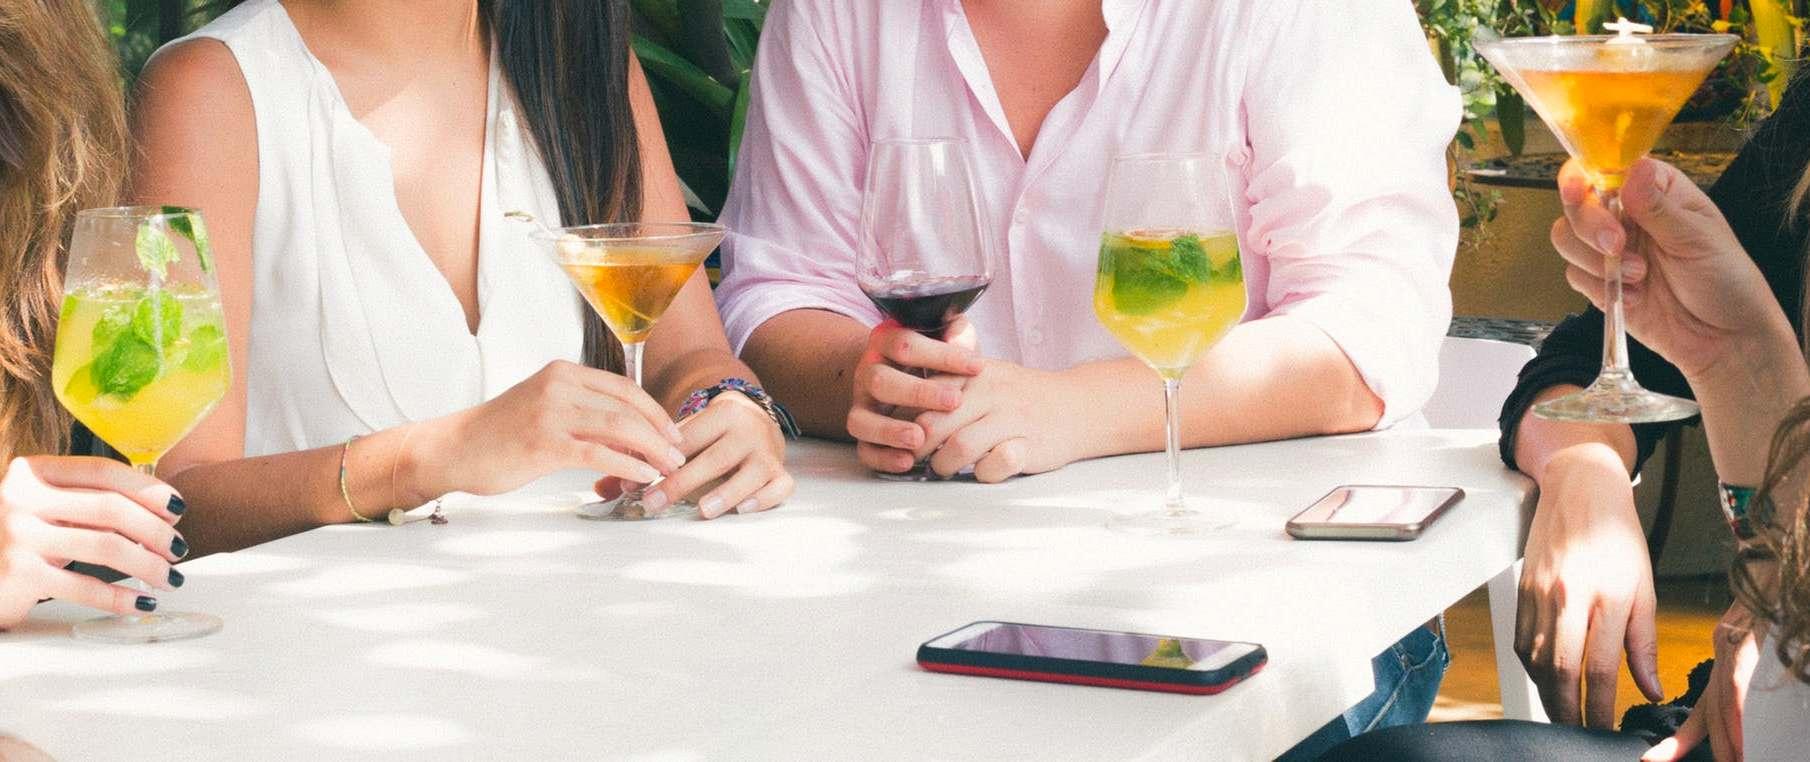 aperitivo, attenzione alle calorie degli alcolici